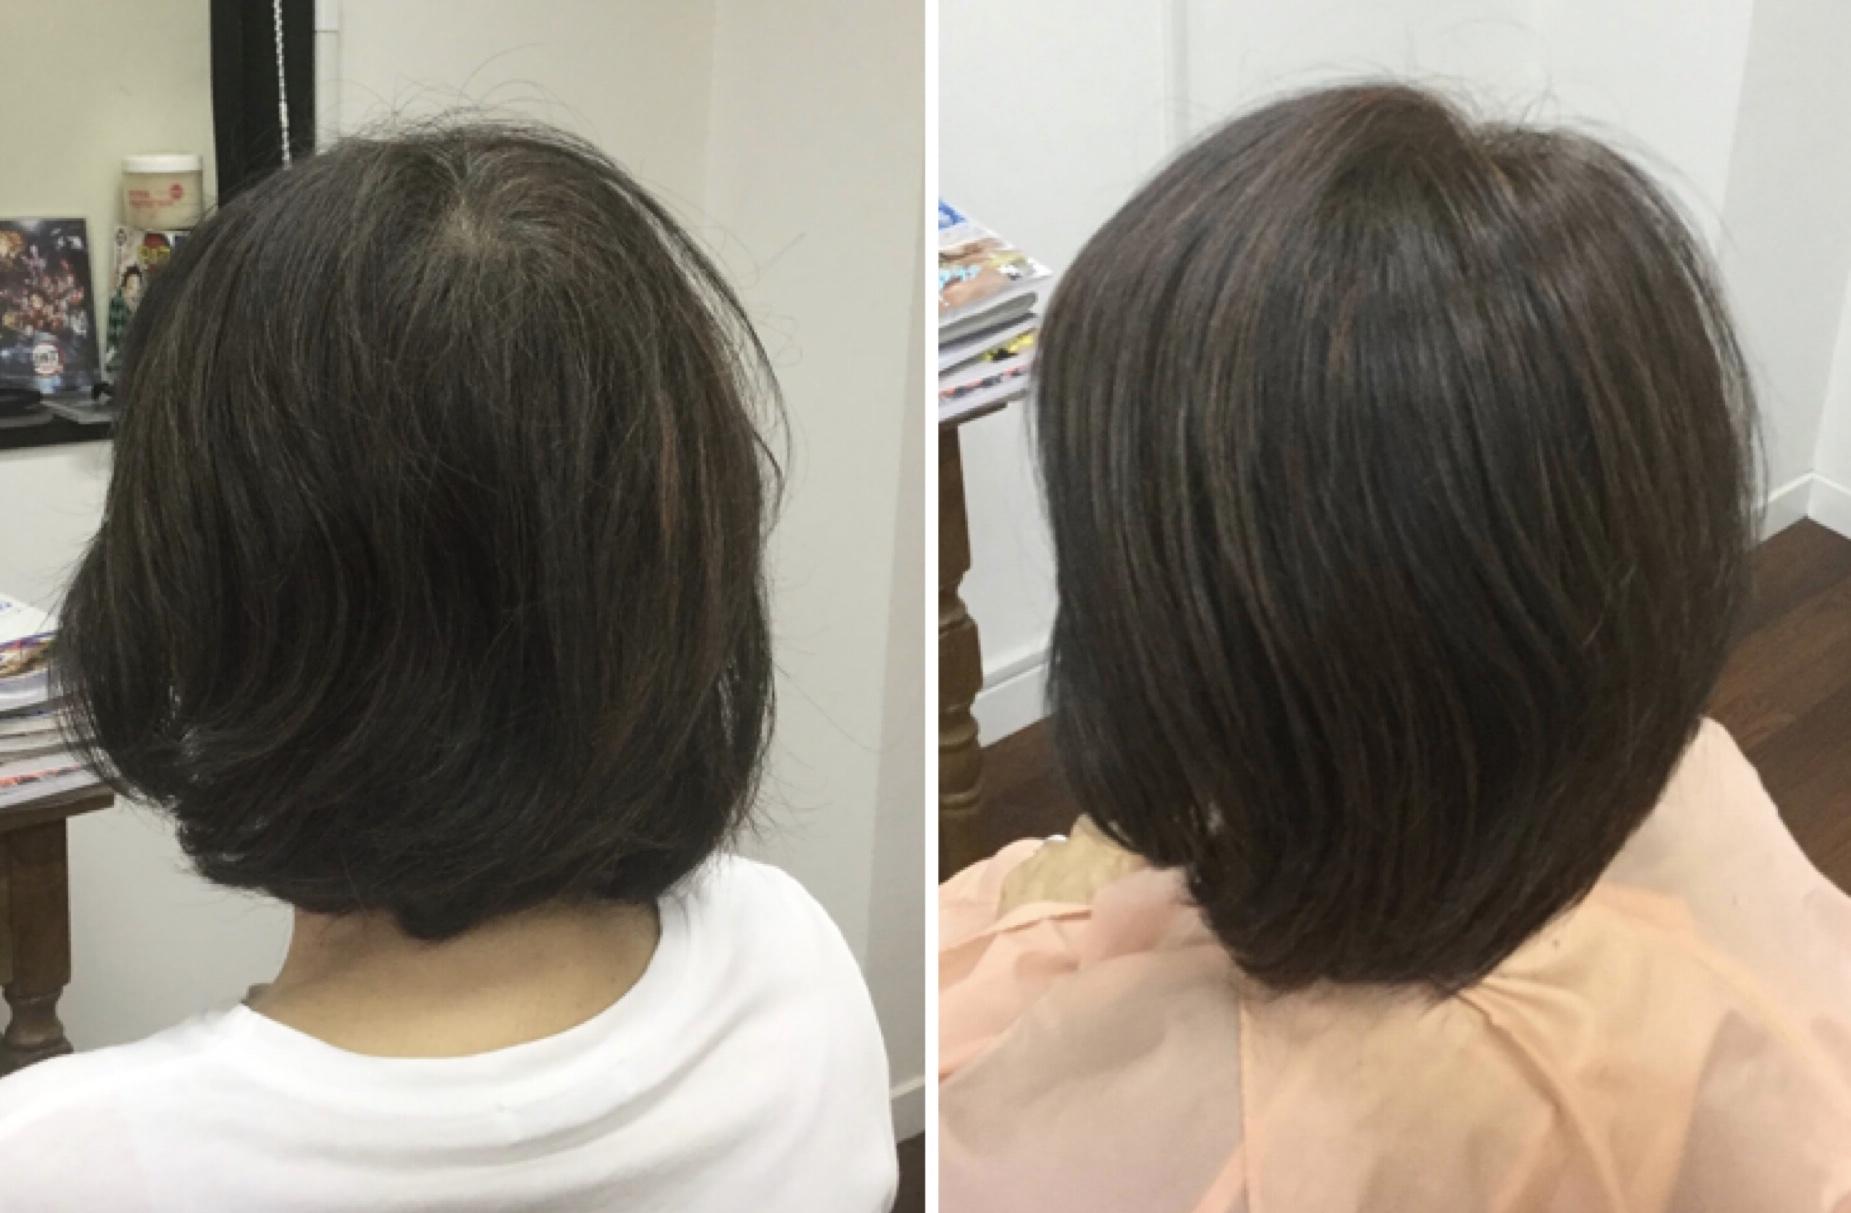 ツムジの割れをキュビズムカット®︎で解消する神戸摂津本山美容室アバディ